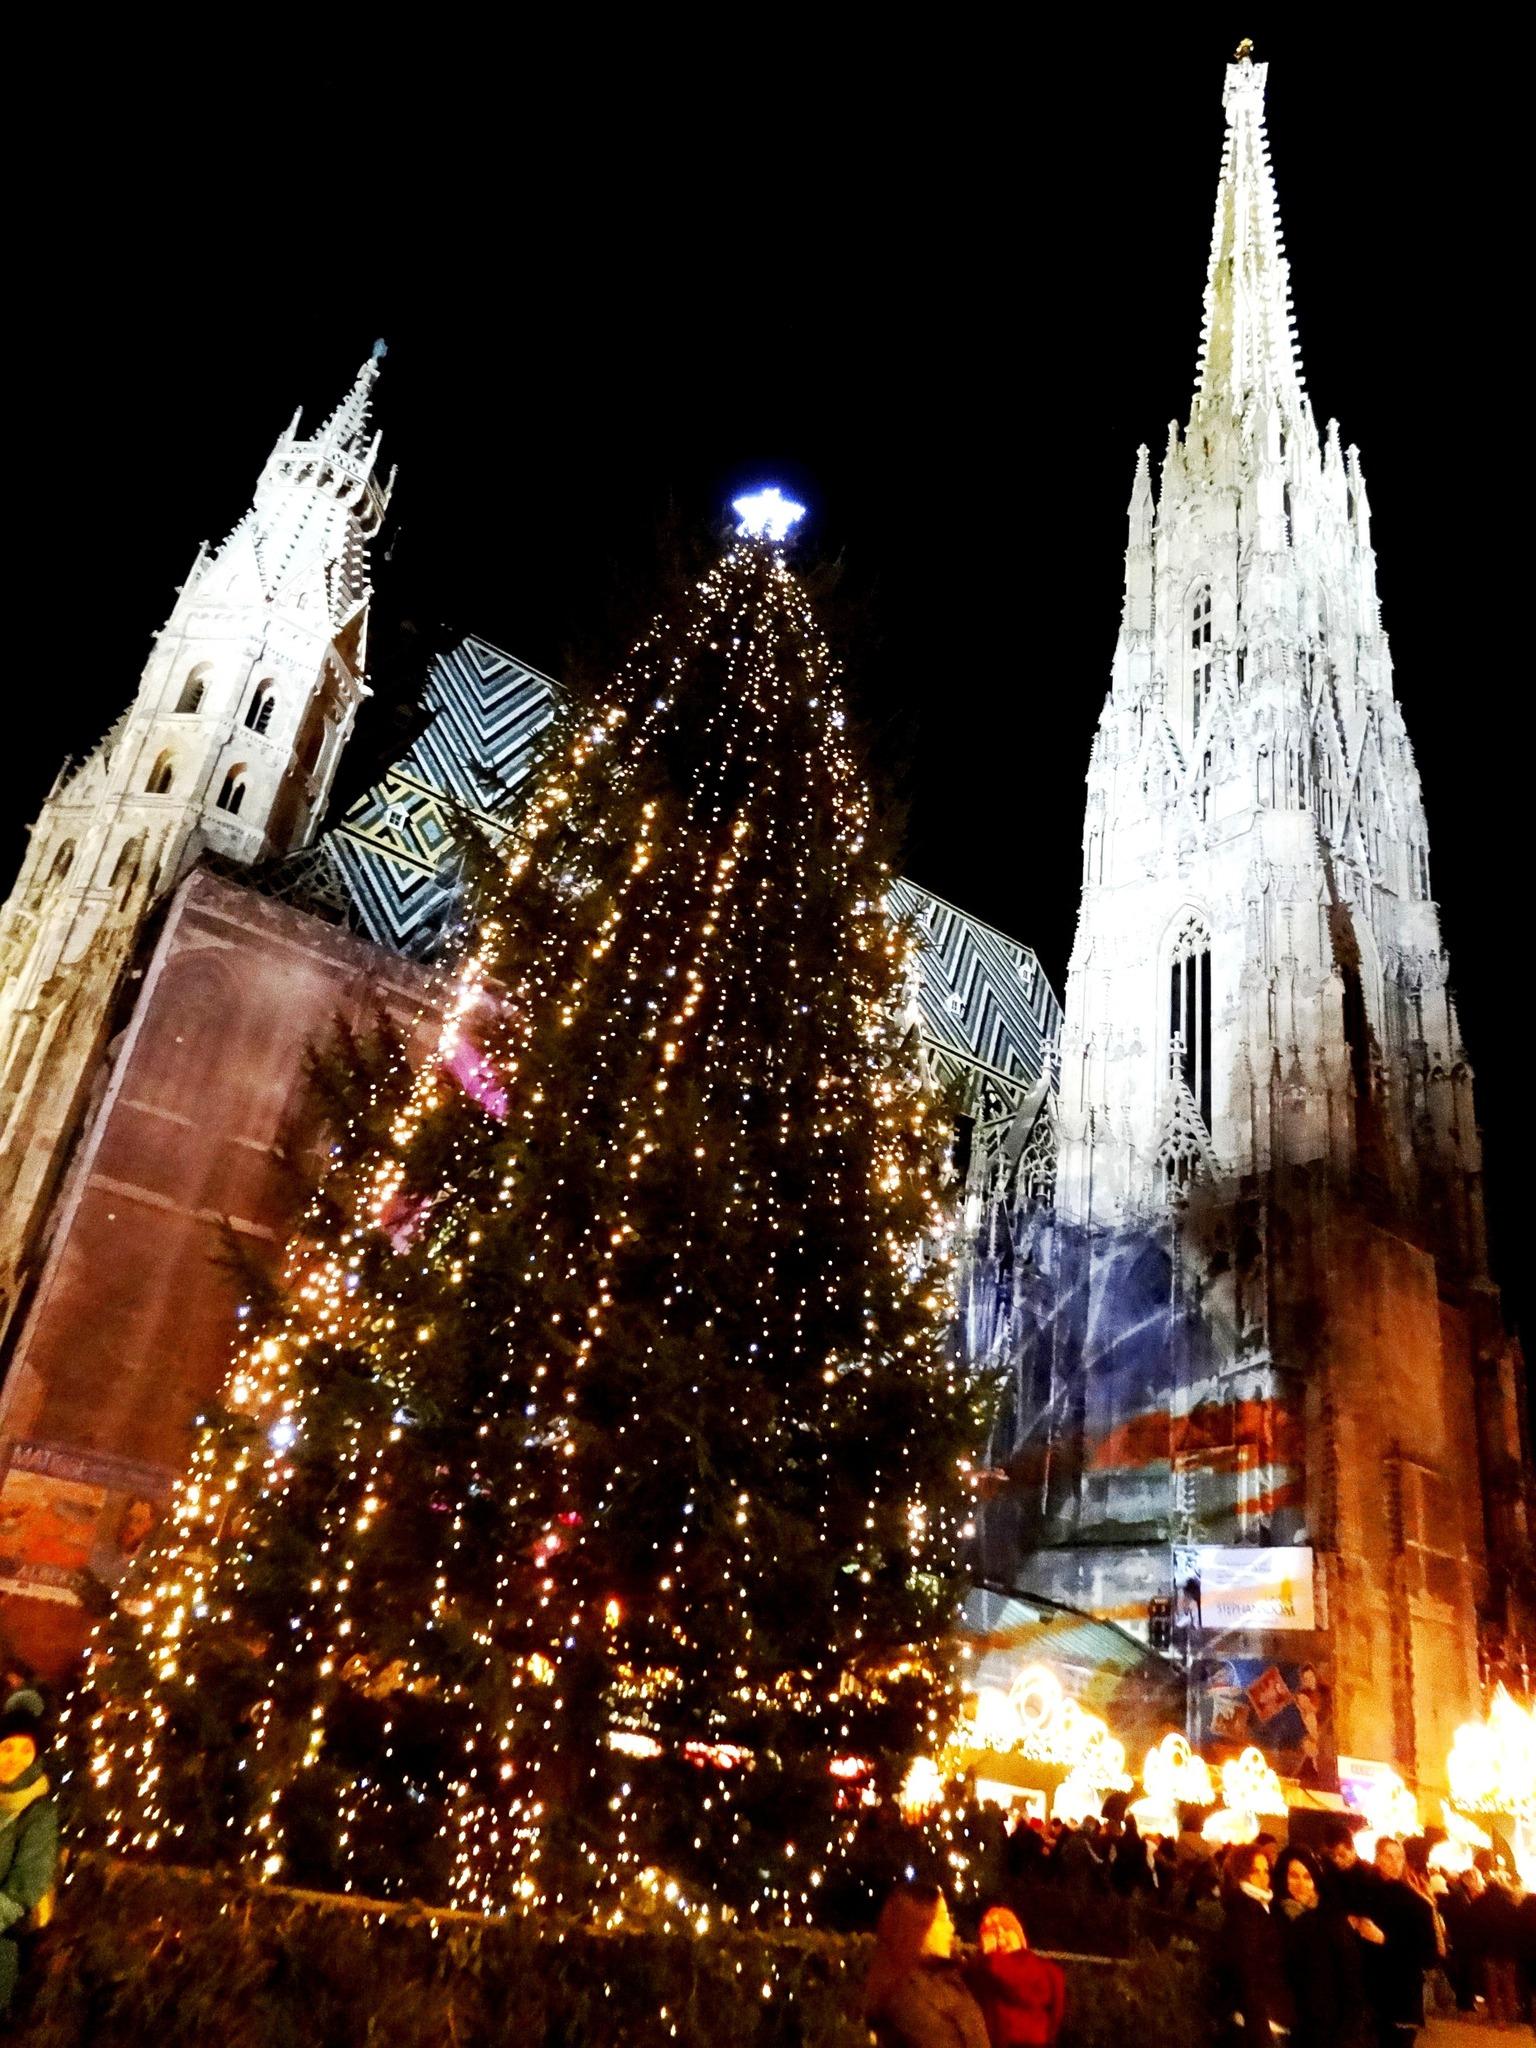 Weihnachtsgeschichte Die Vertauschten Geschenke